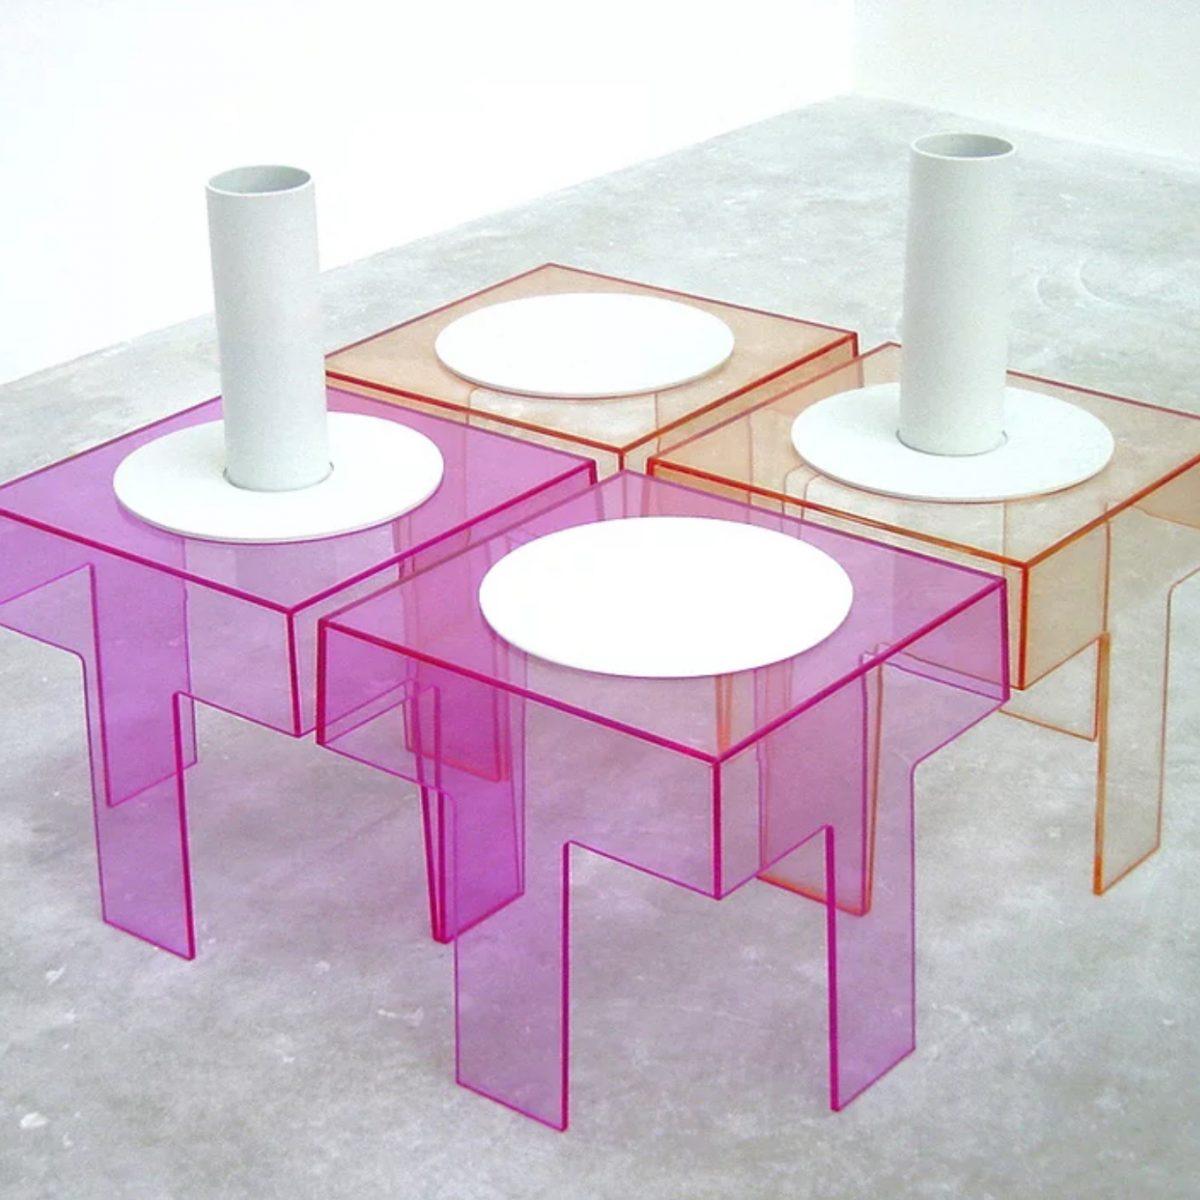 Tables d\'appoint en Plexiglas et porcelaine, 2000, 0,4x0,42x0,42 m & 0,8x0,42x0,42 m .§En collaboration avec Marie-Christine Dorner, Fondation du FIACRE.